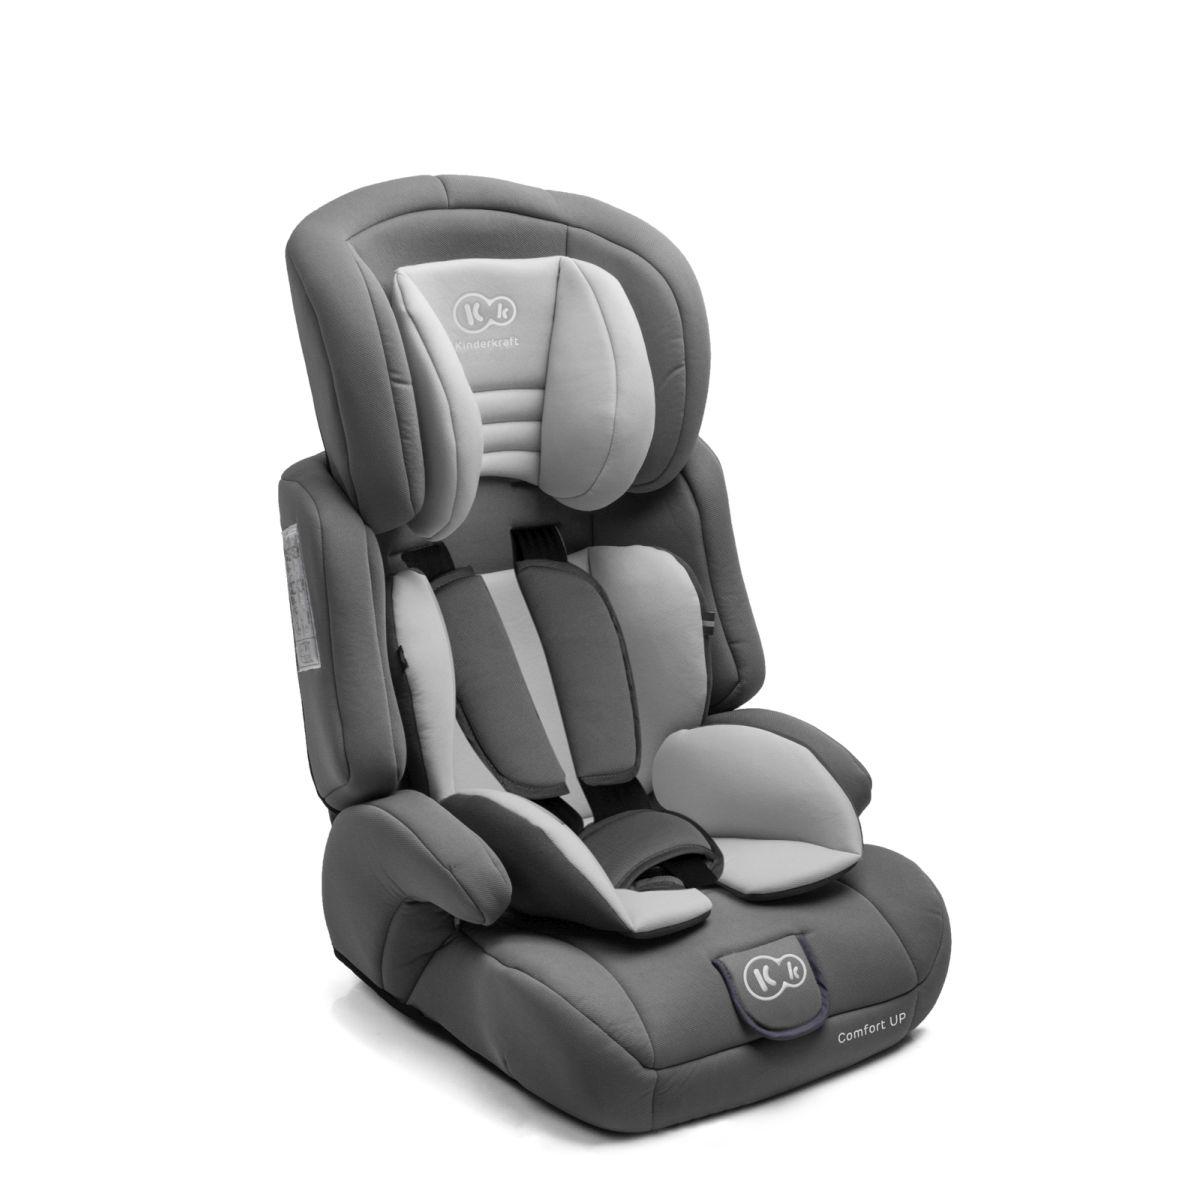 kinderkraft comfort up infant car seat car seat 9 bis 36. Black Bedroom Furniture Sets. Home Design Ideas